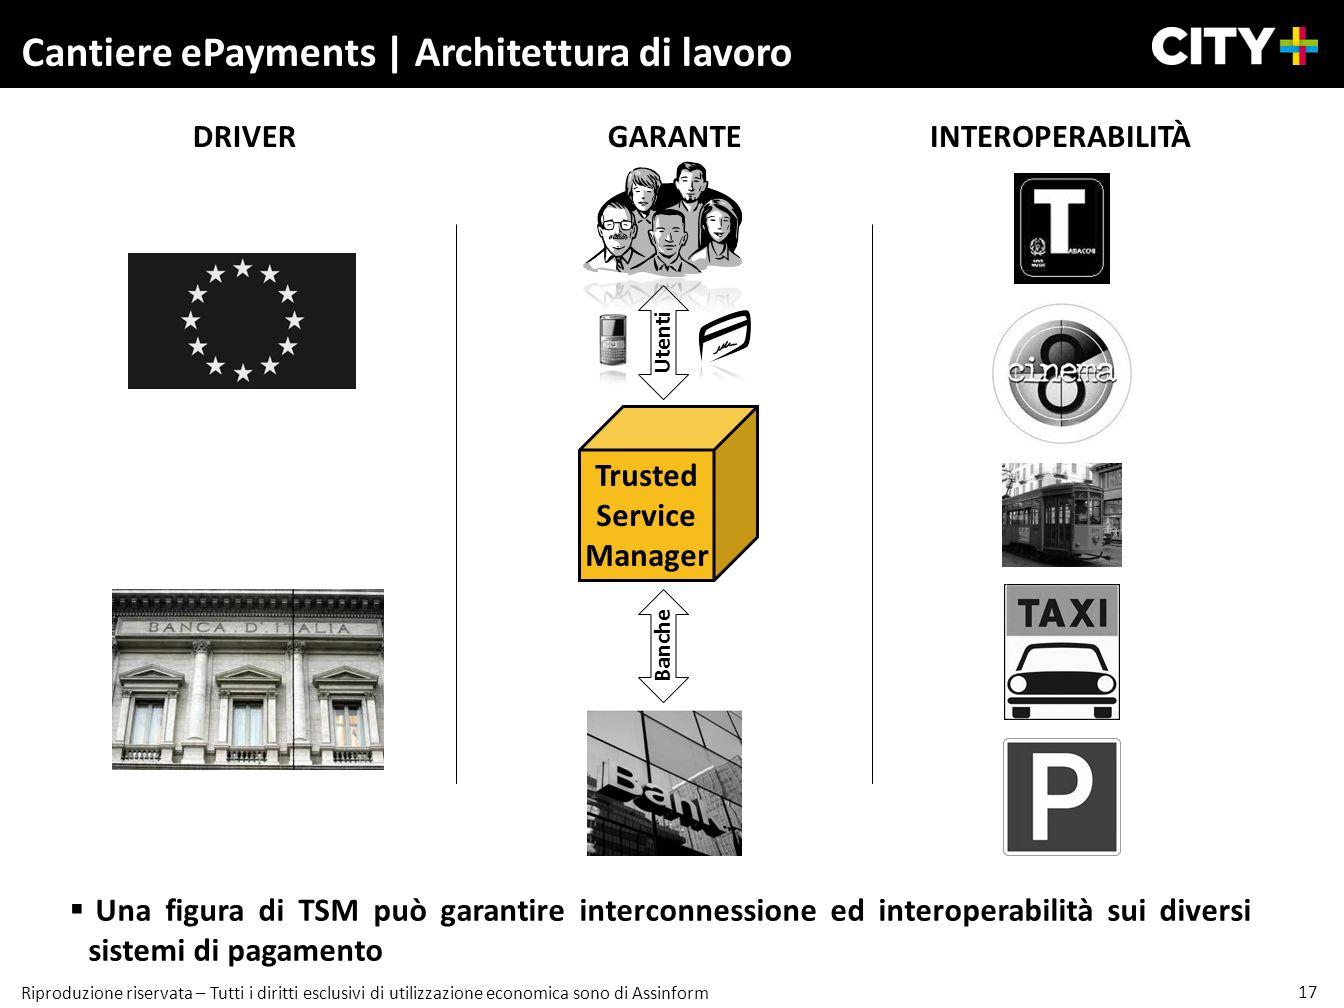 17 Riproduzione riservata – Tutti i diritti esclusivi di utilizzazione economica sono di Assinform Cantiere ePayments | Architettura di lavoro Trusted